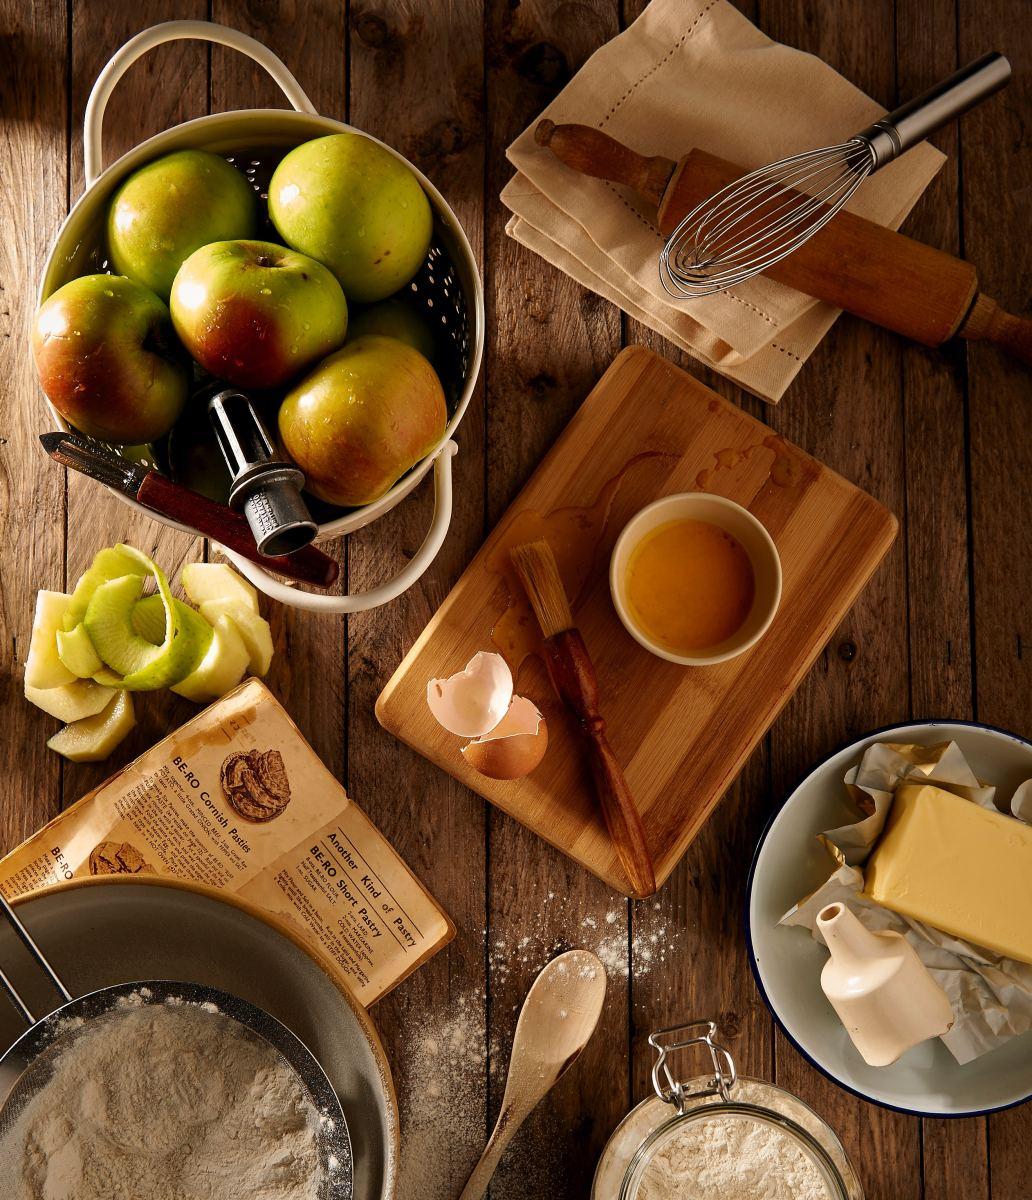 The Best No-Fuss Fried Apple Dessert